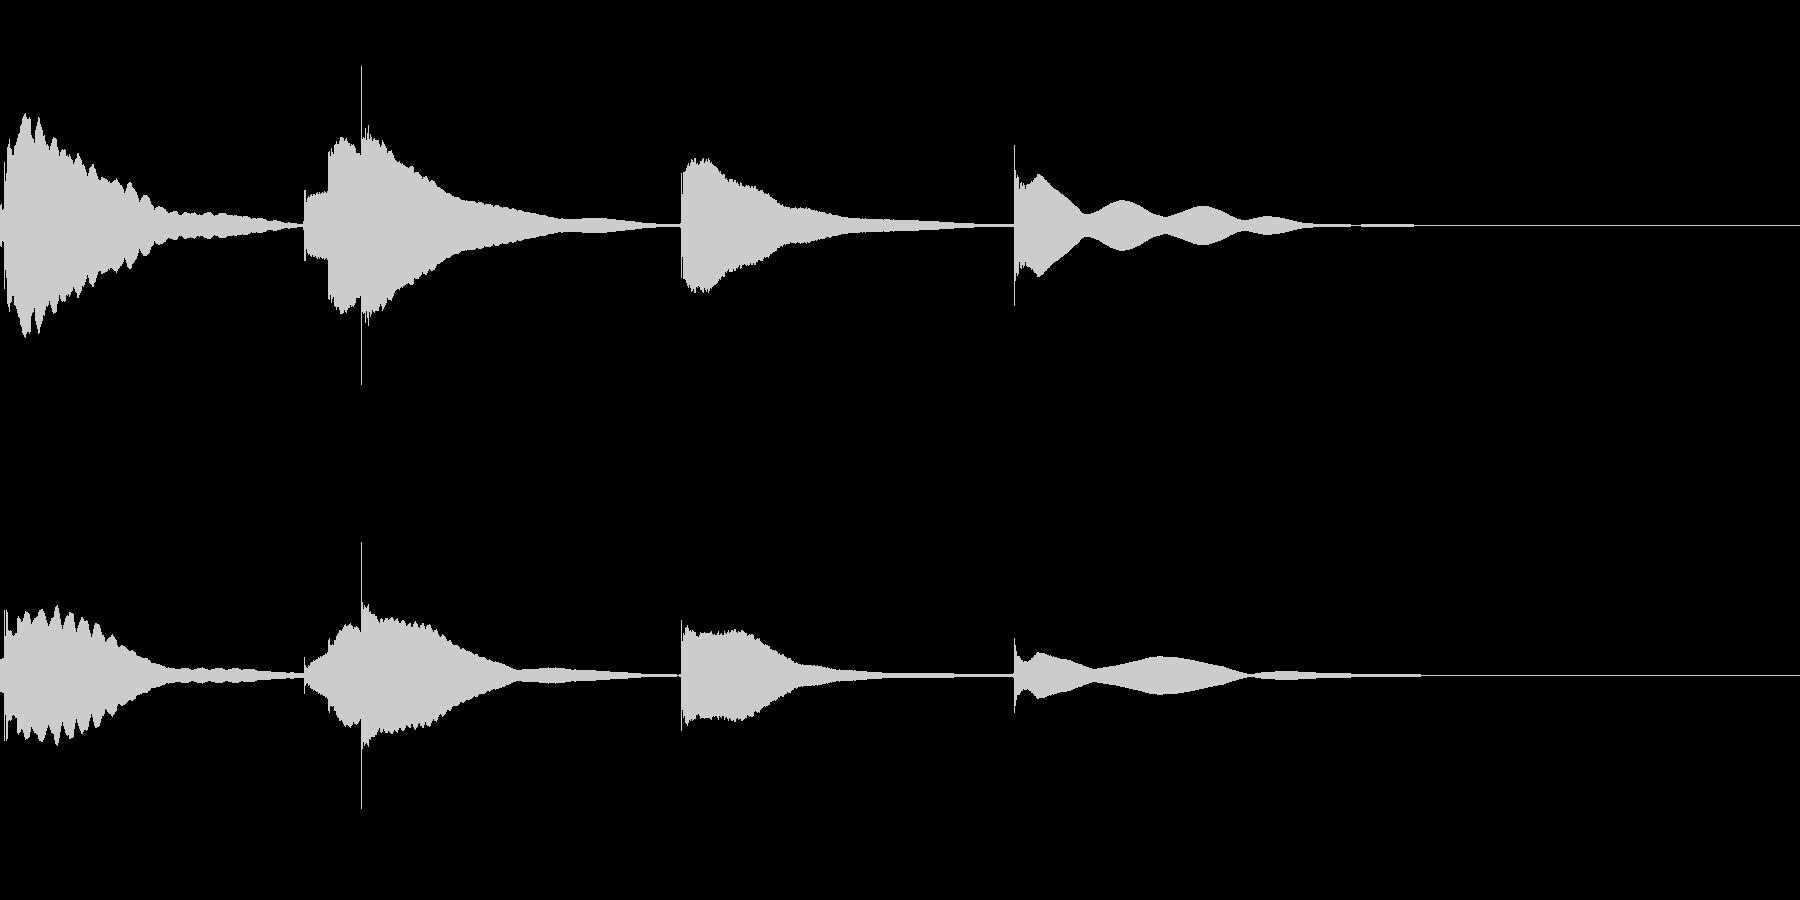 ジングル用オルゴール楽曲07-2の未再生の波形